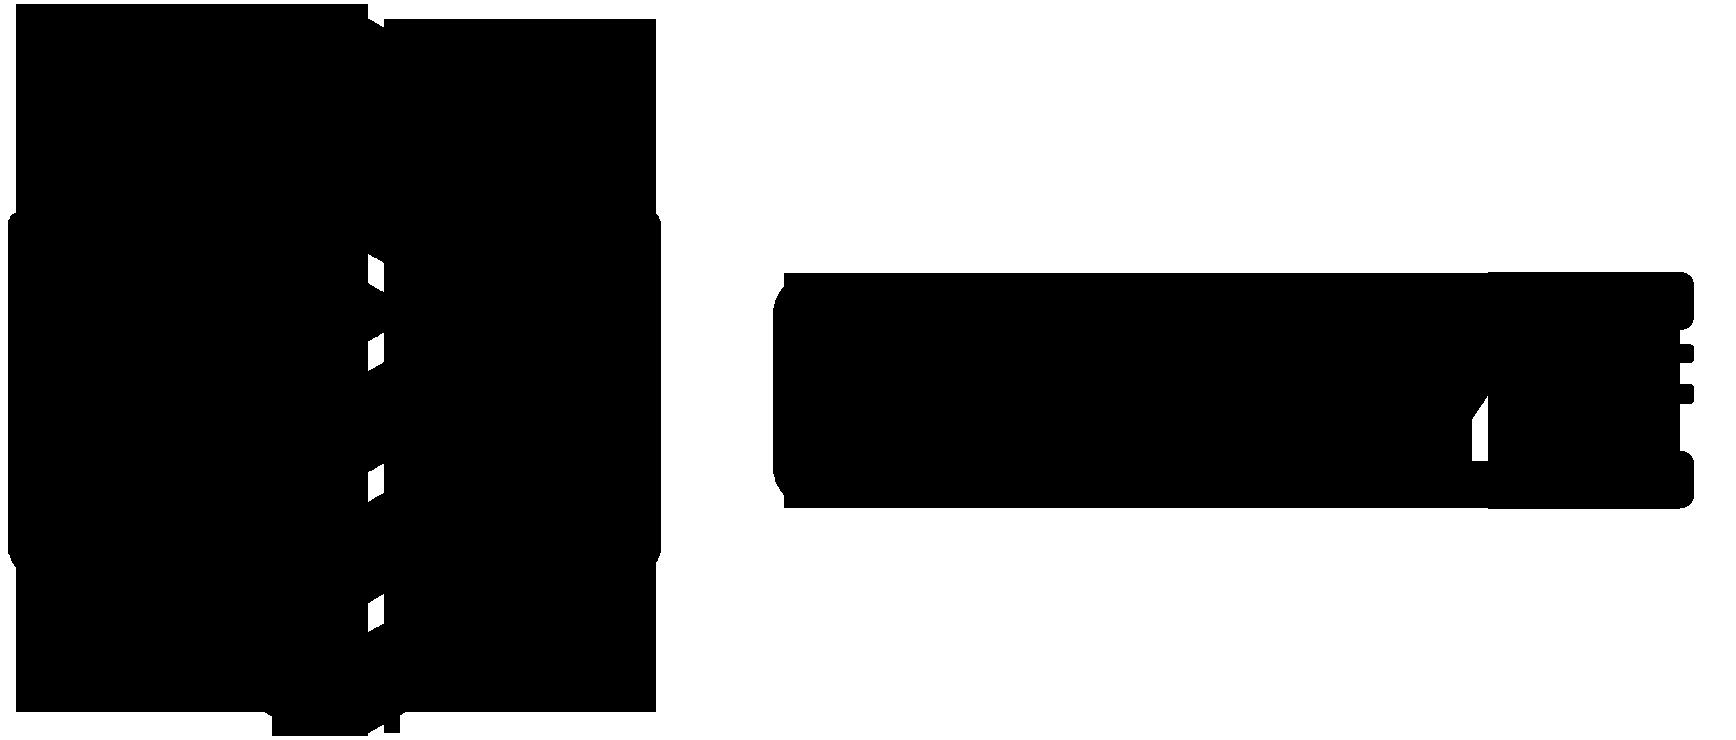 CHYZ_Logo.png (39 KB)